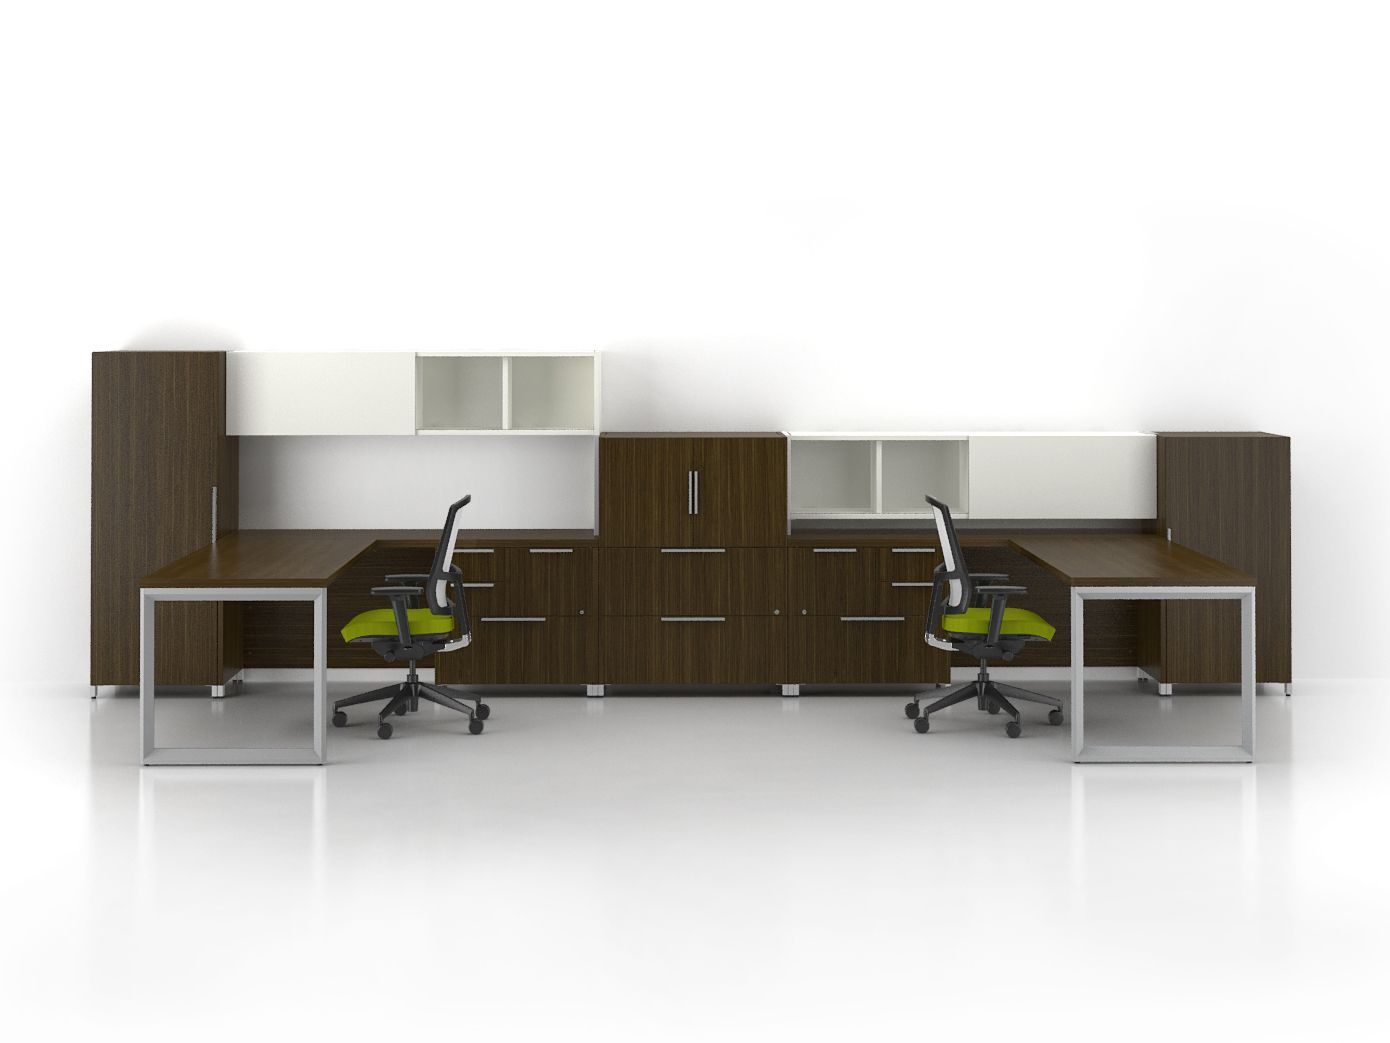 Quad Dual Workstation Poste Double Lacasse Quad By Lacasse  # Muebles Ultramodernos